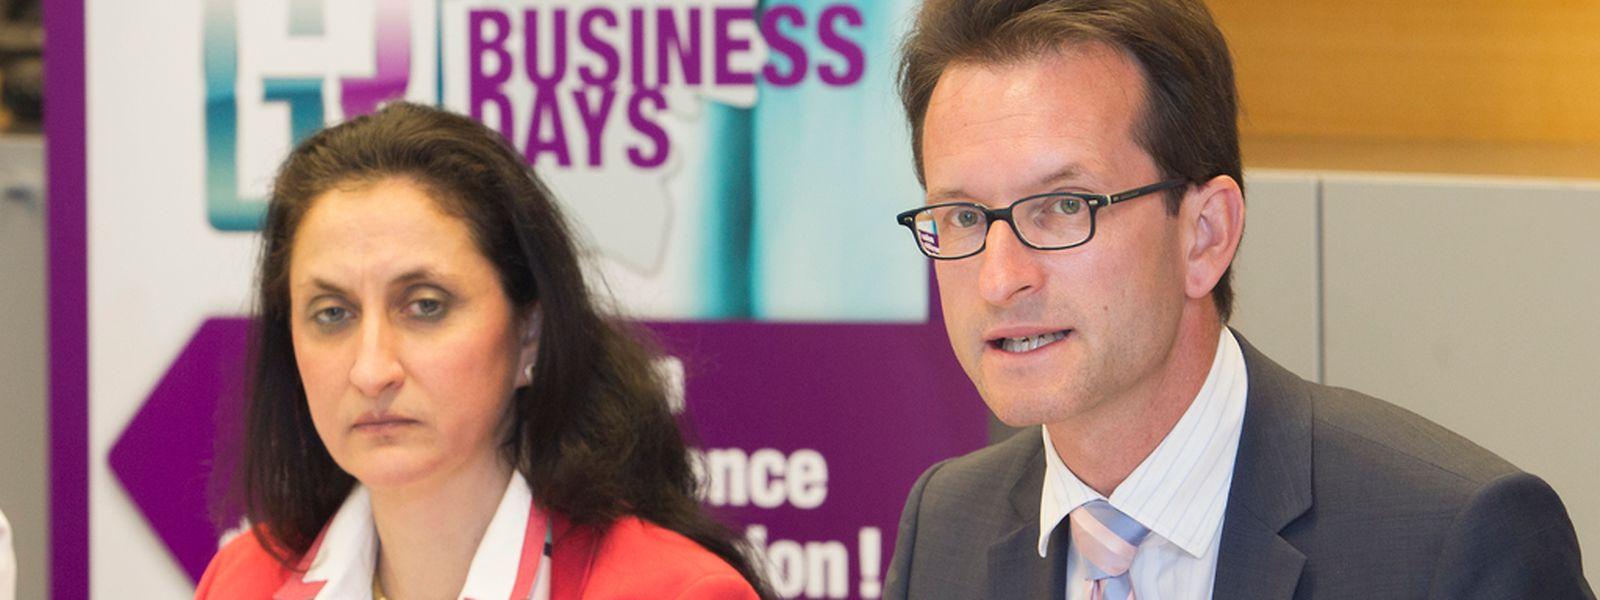 Sie haben sich für die diesjährige Messe einige Neuheiten einfallen lassen: Sabrina Sagramola und der Generaldirektor der Luxemburger Handelskammer, Carlo Thelen.